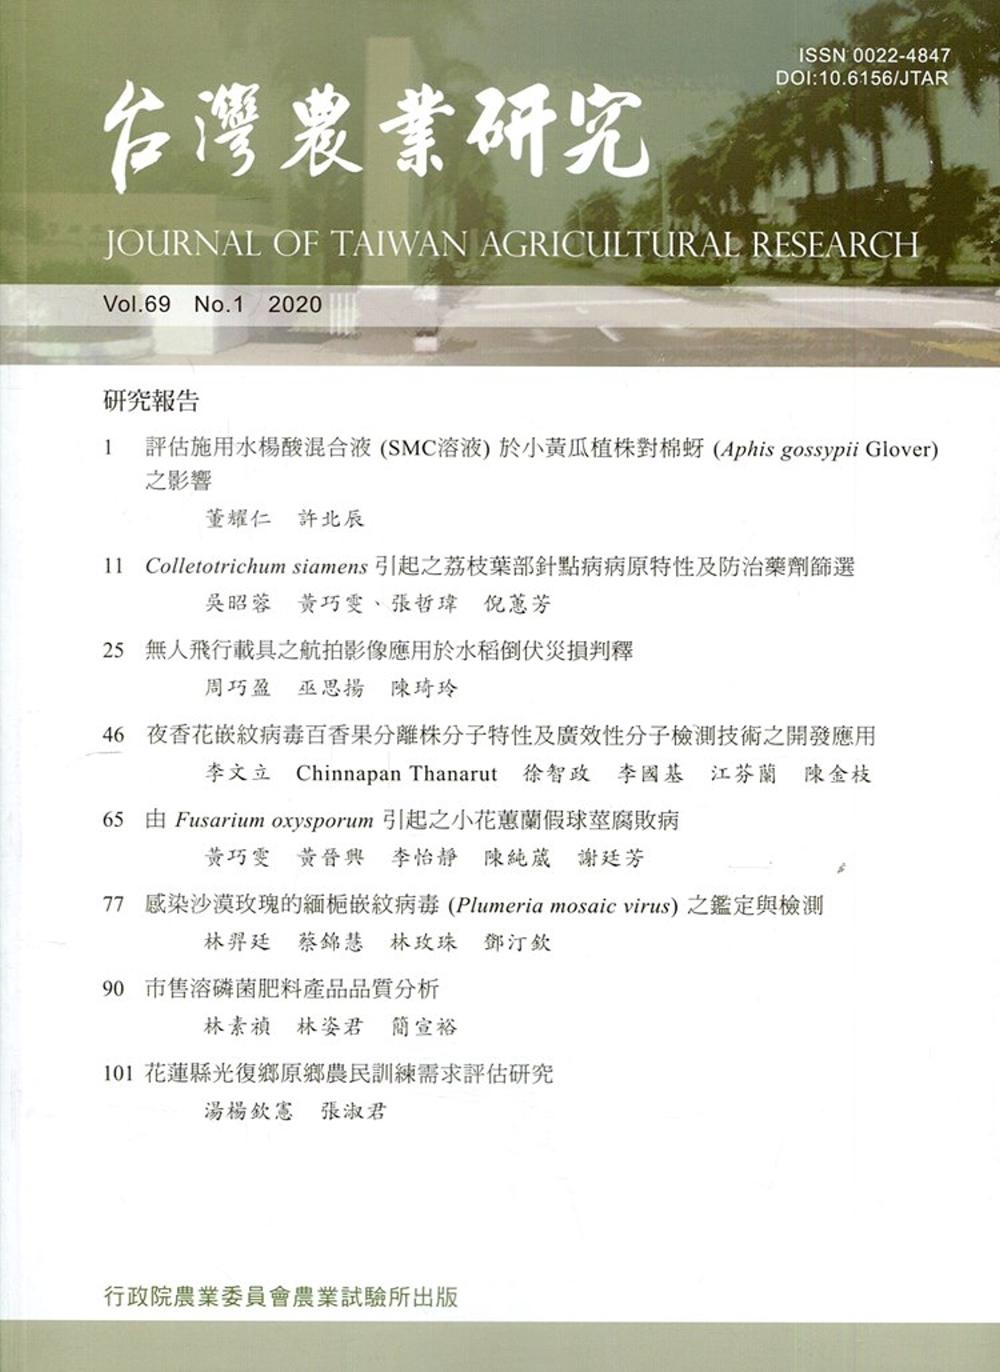 台灣農業研究季刊第69卷1期(109/03)